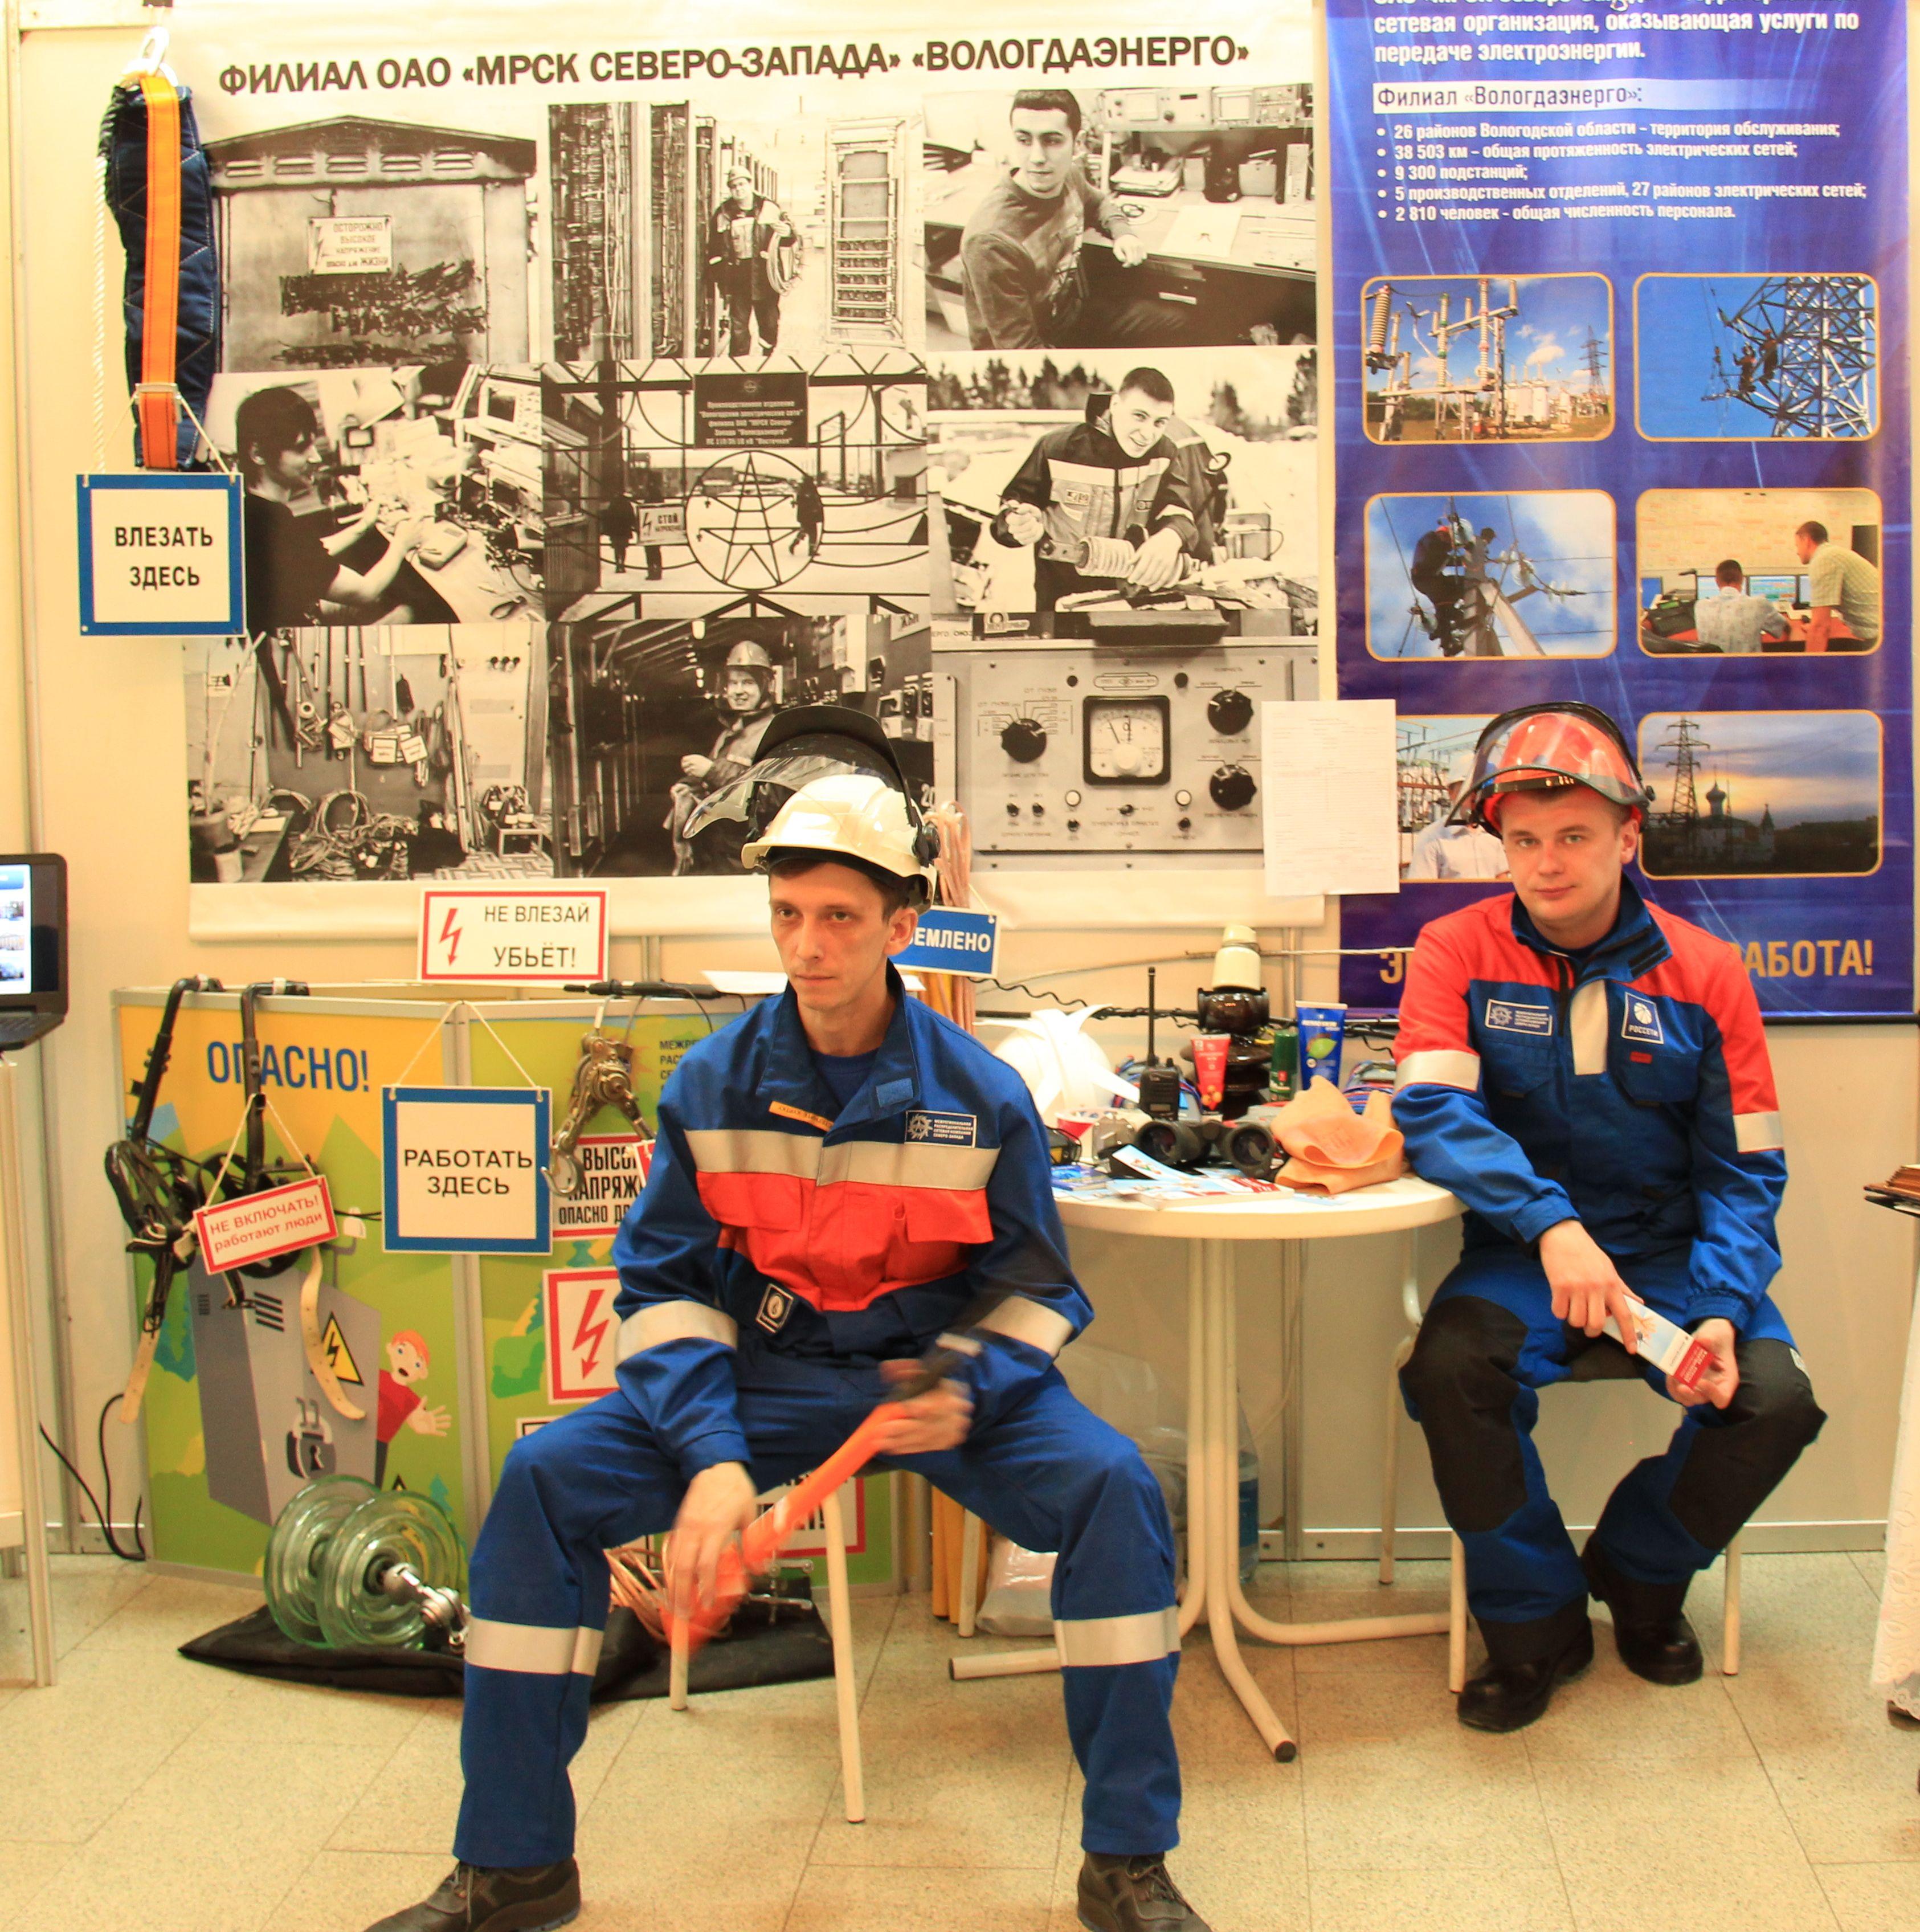 Филиал «Вологдаэнерго» представил экспозицию компании на областной выставке «День карьеры молодёжи»